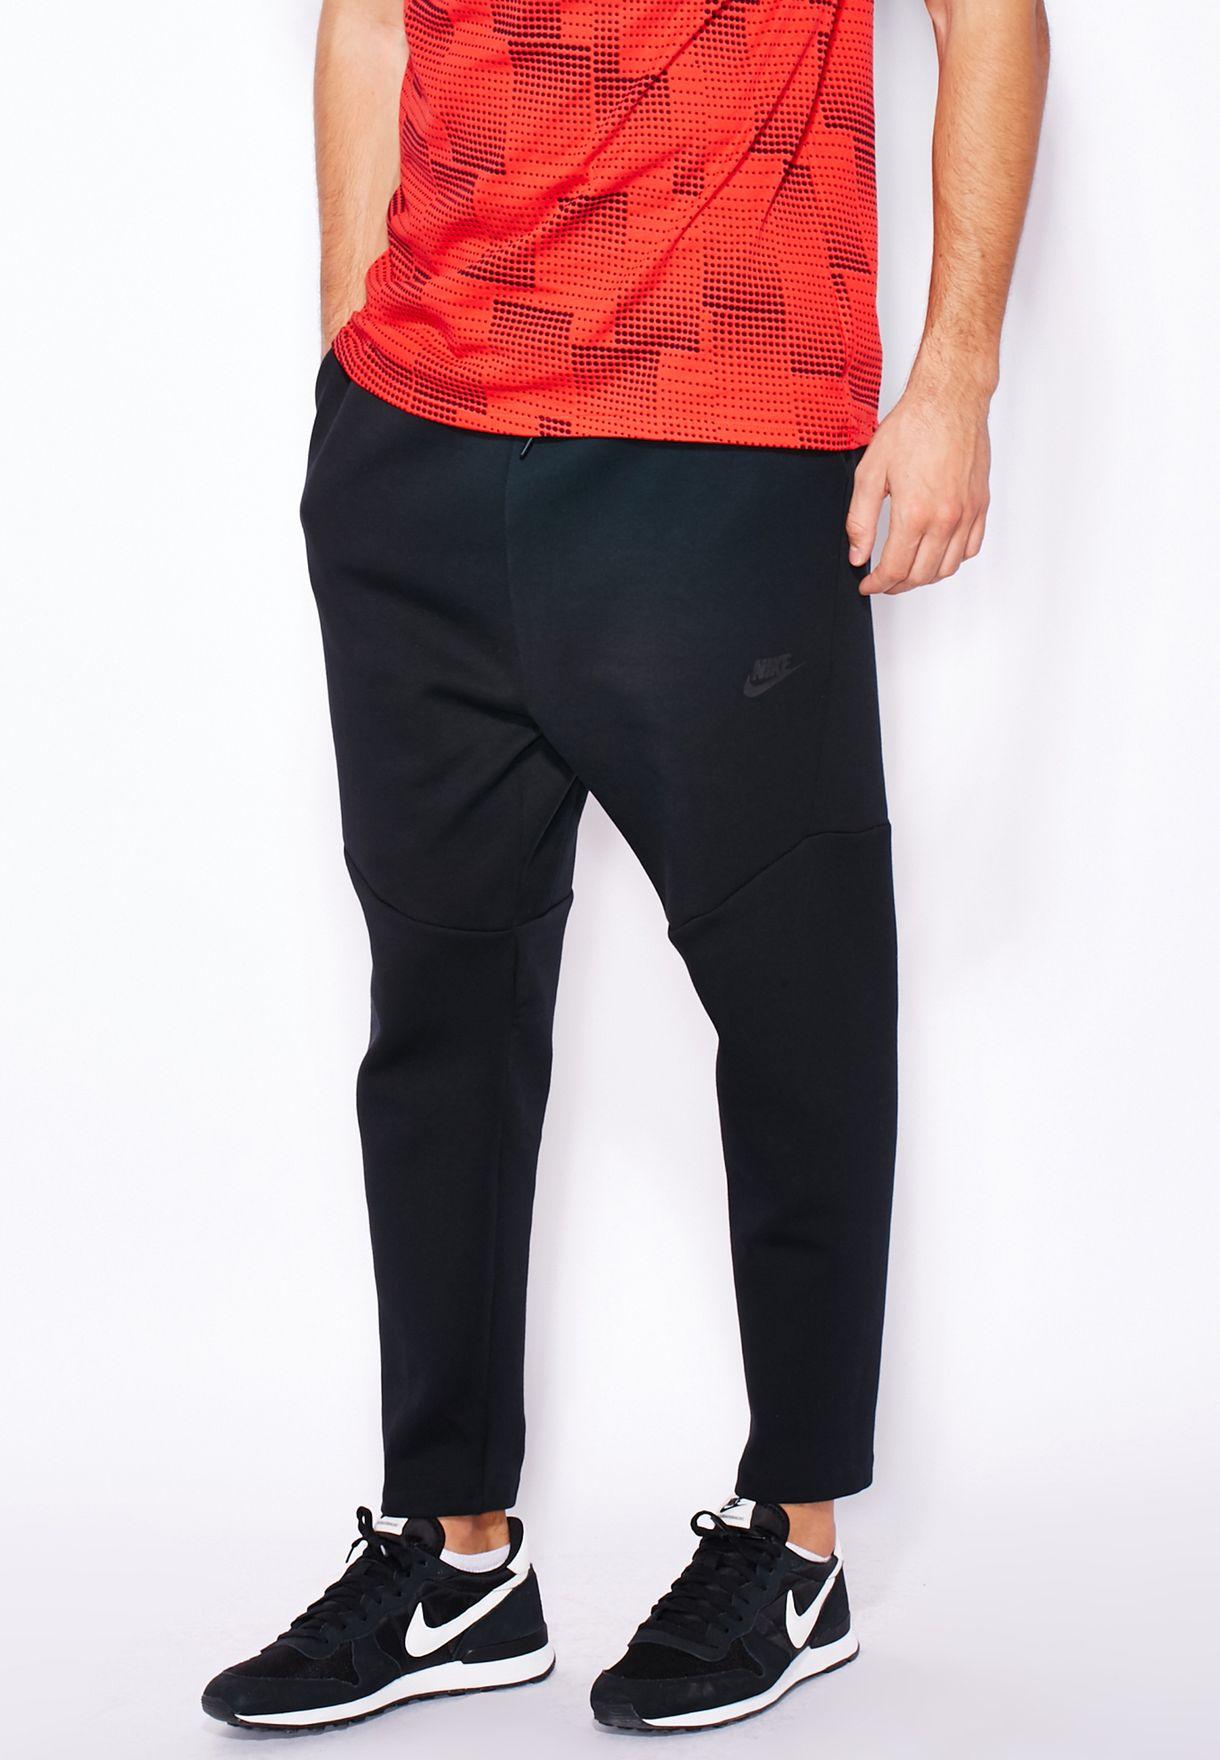 NIKE TECH FLEECE CROPPED PANTS SZ XL TRIPLE BLACK 727355 010